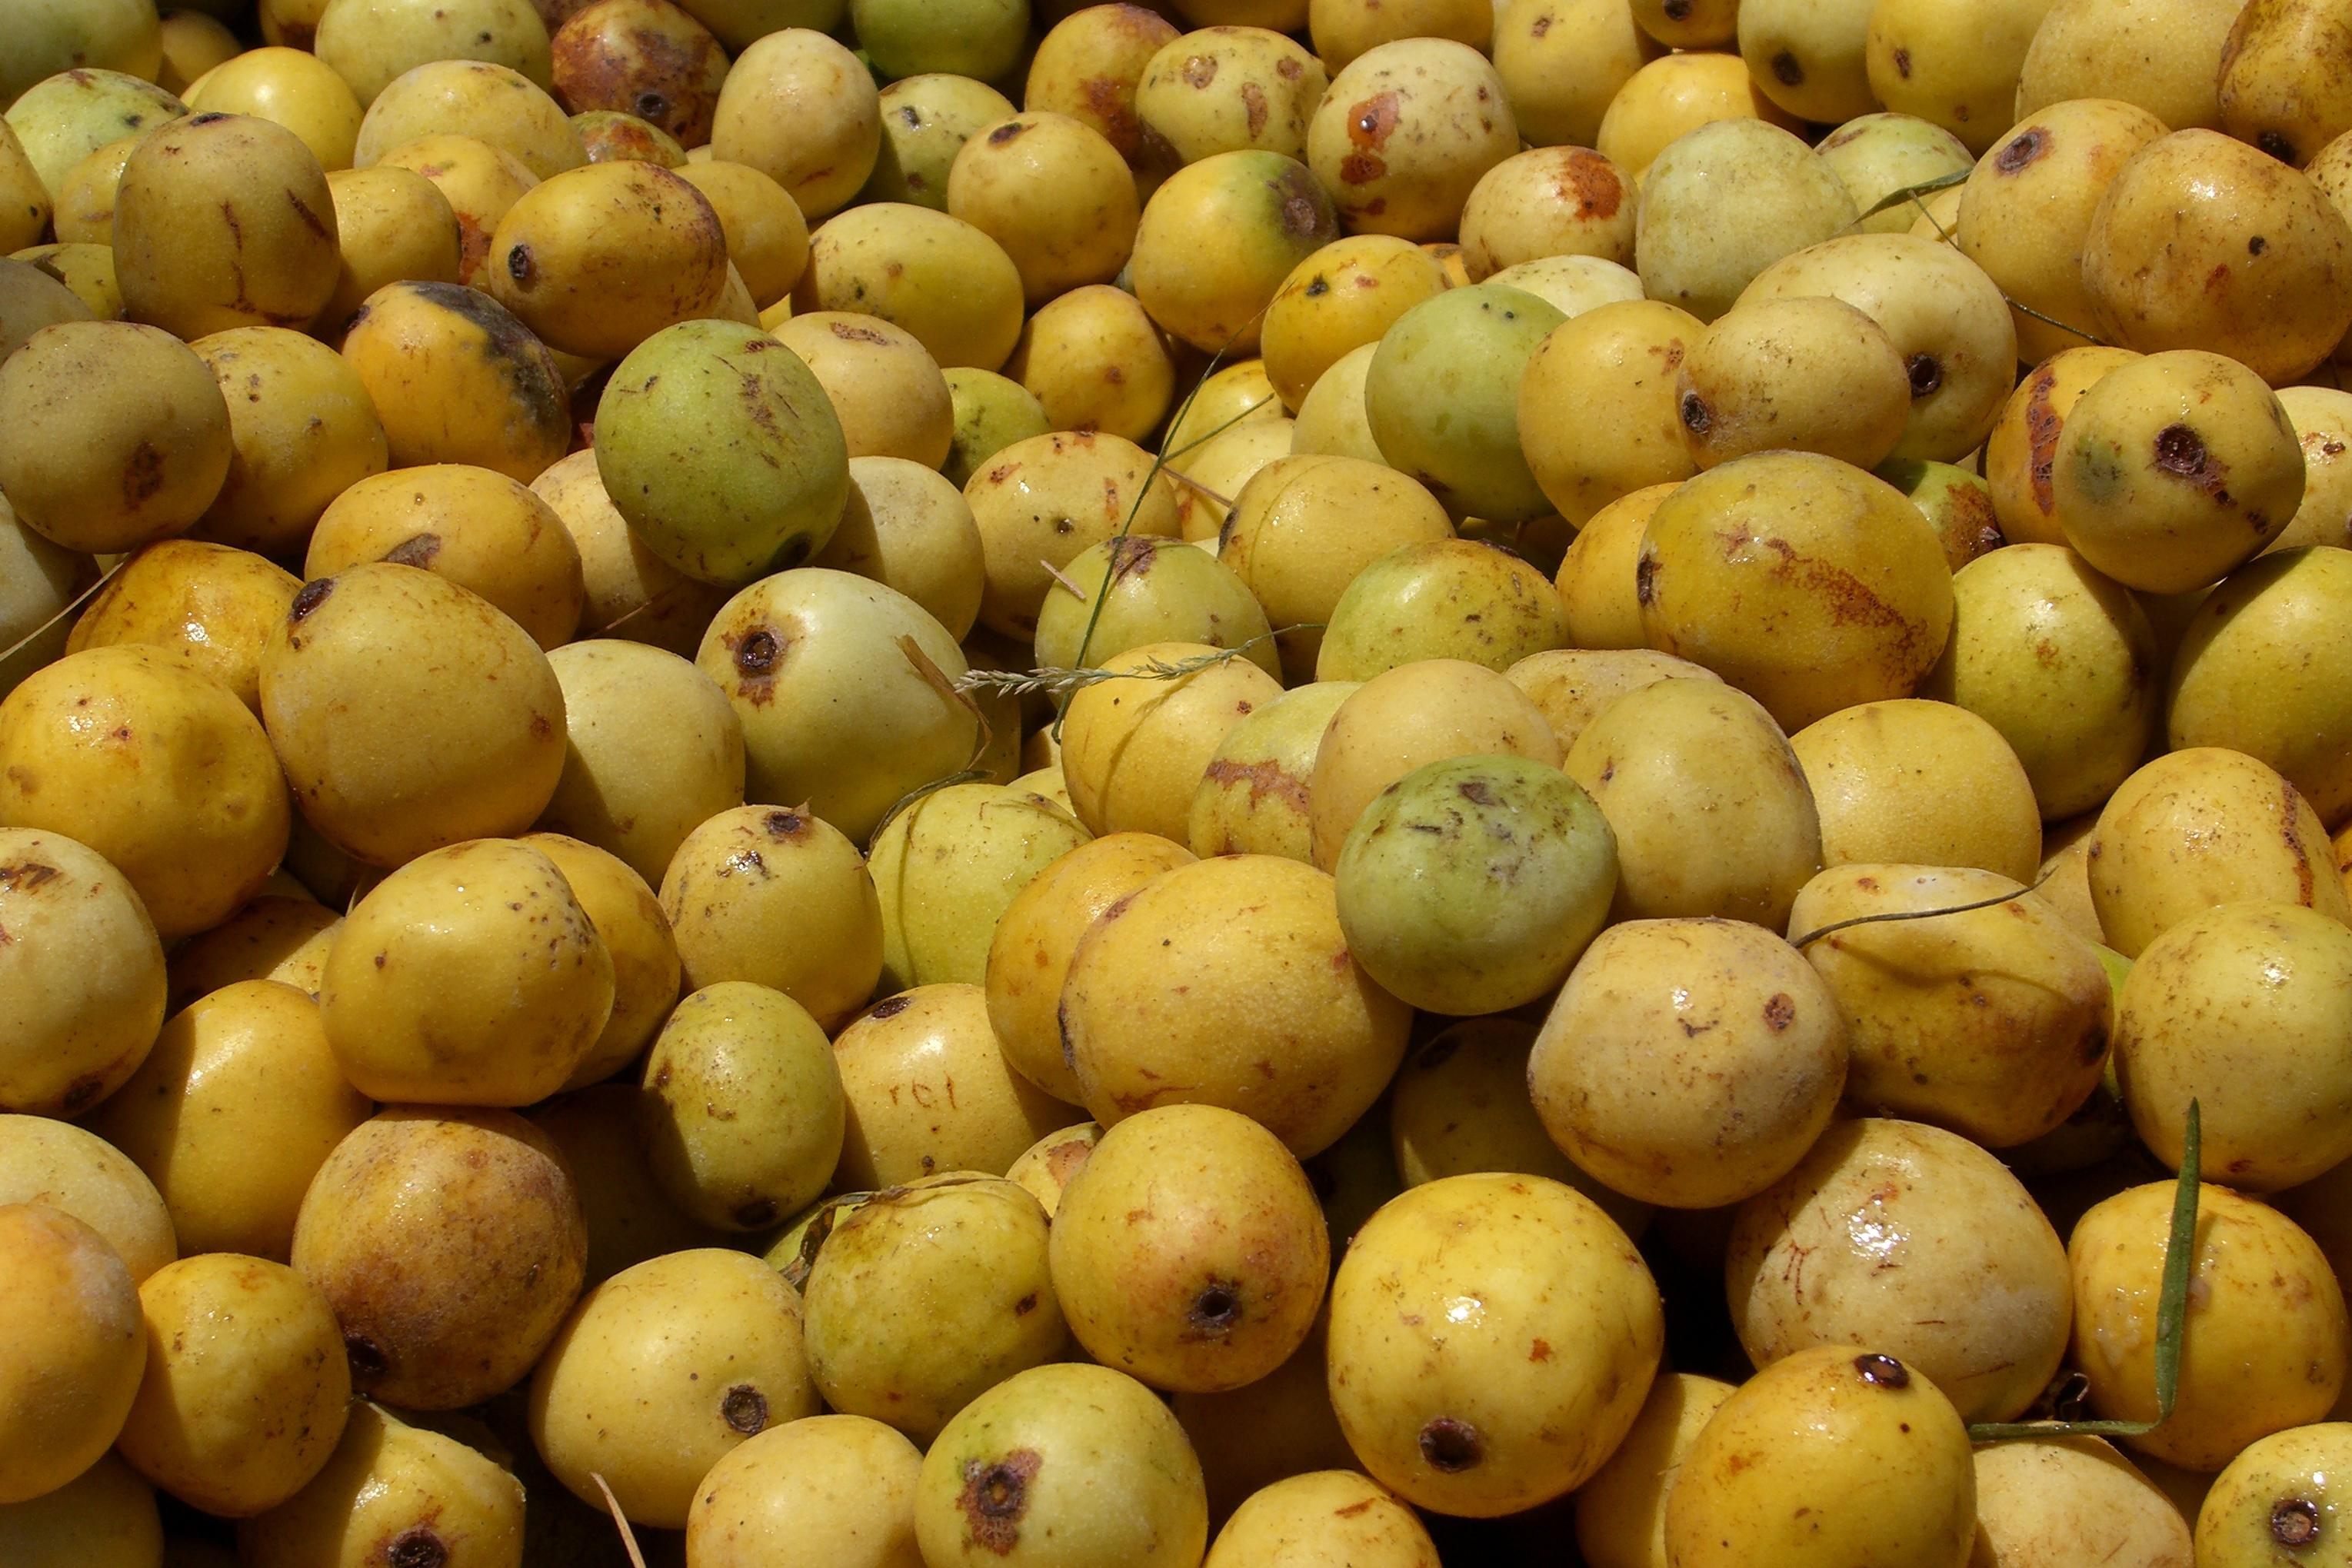 Le marula, fruit duquel on collecte l'huile de marula ©DR